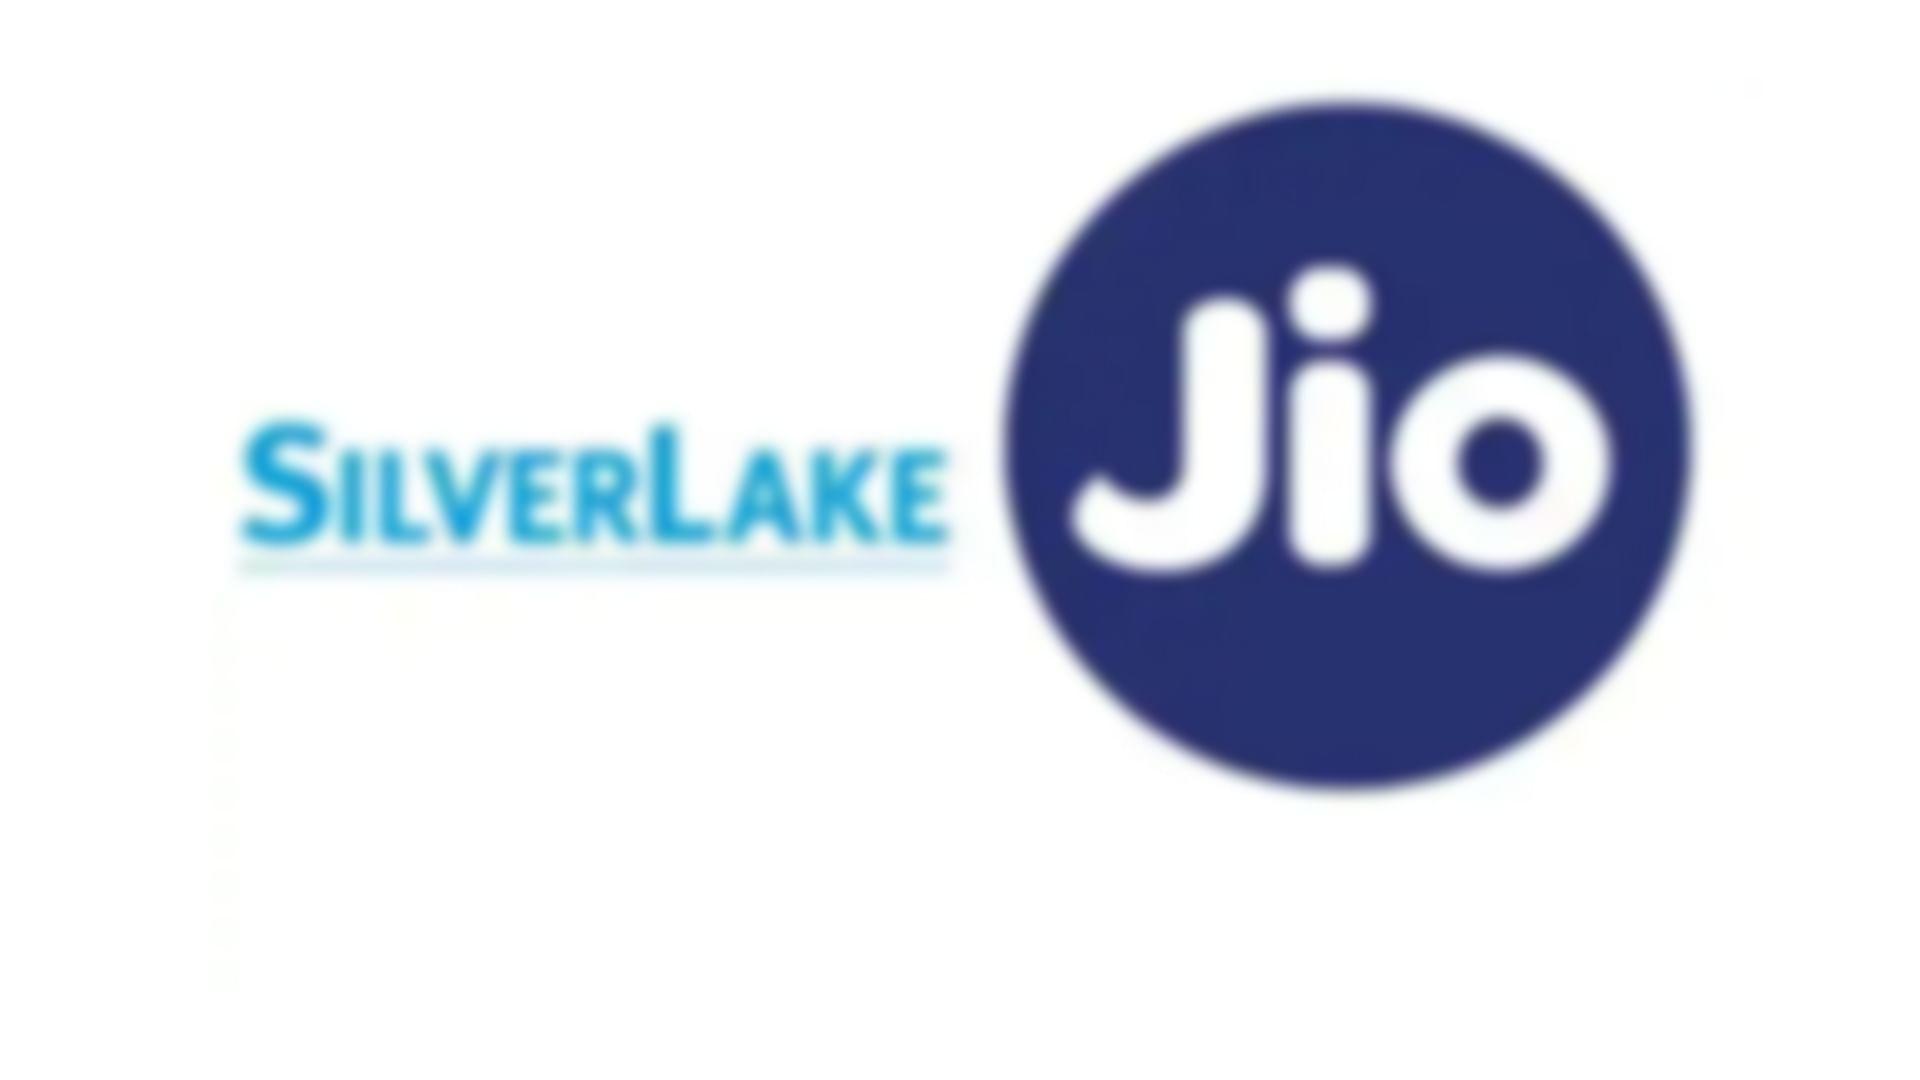 SilverLake Jio